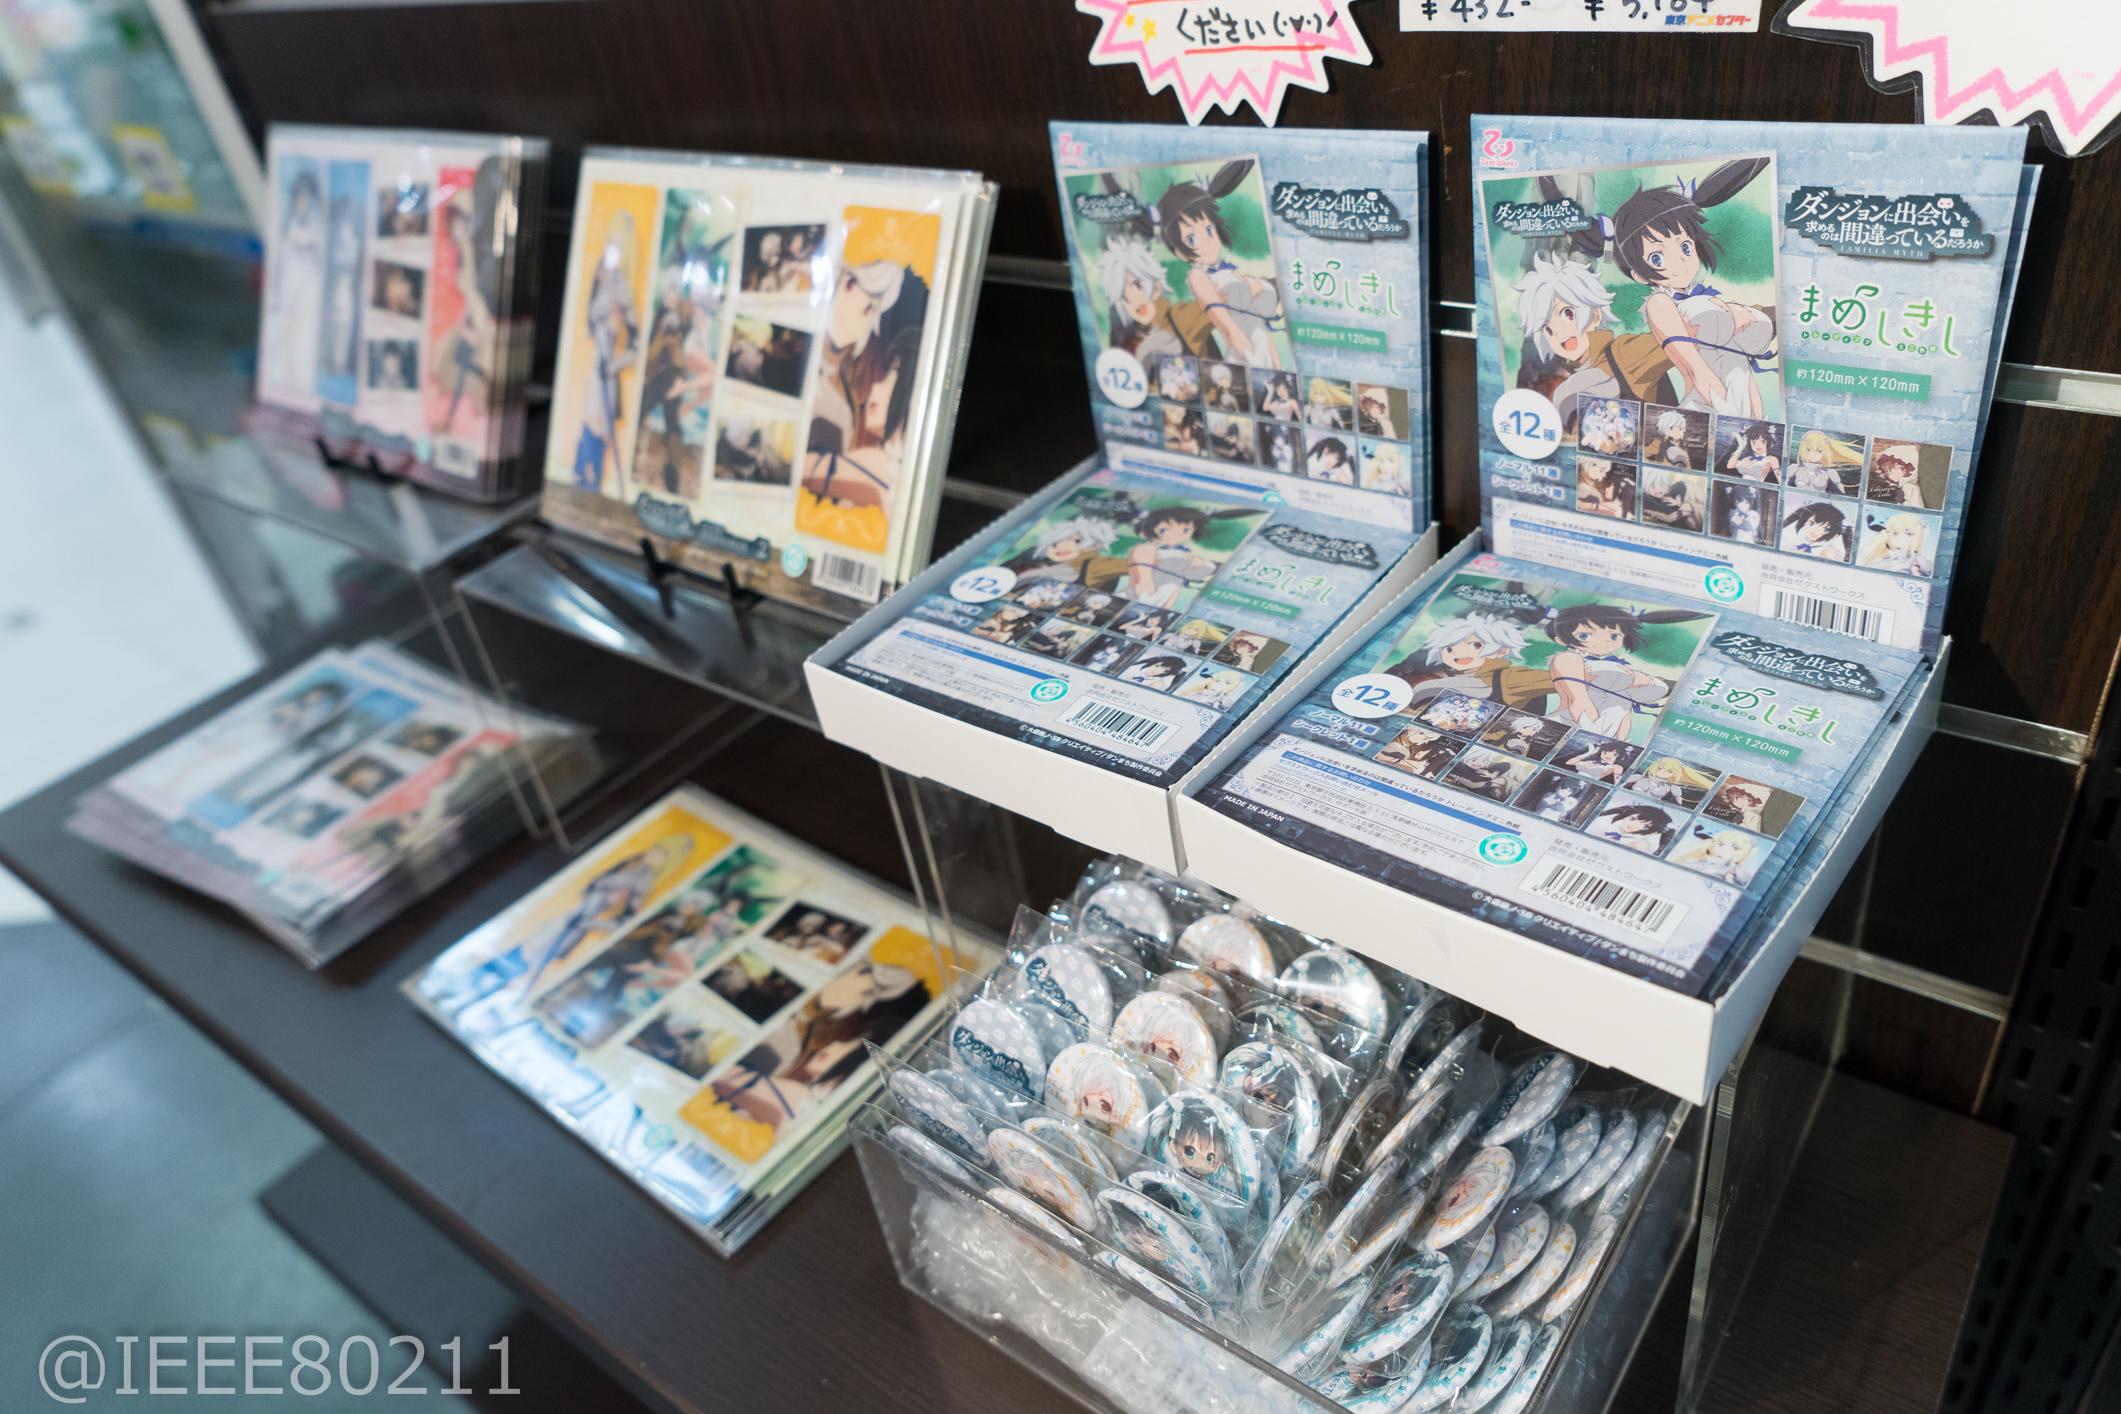 Dungeon ni Deai wo Motomeru no wa Machigatteiru Darou ka Danmachi Exhibition in Akiba Previewed 005